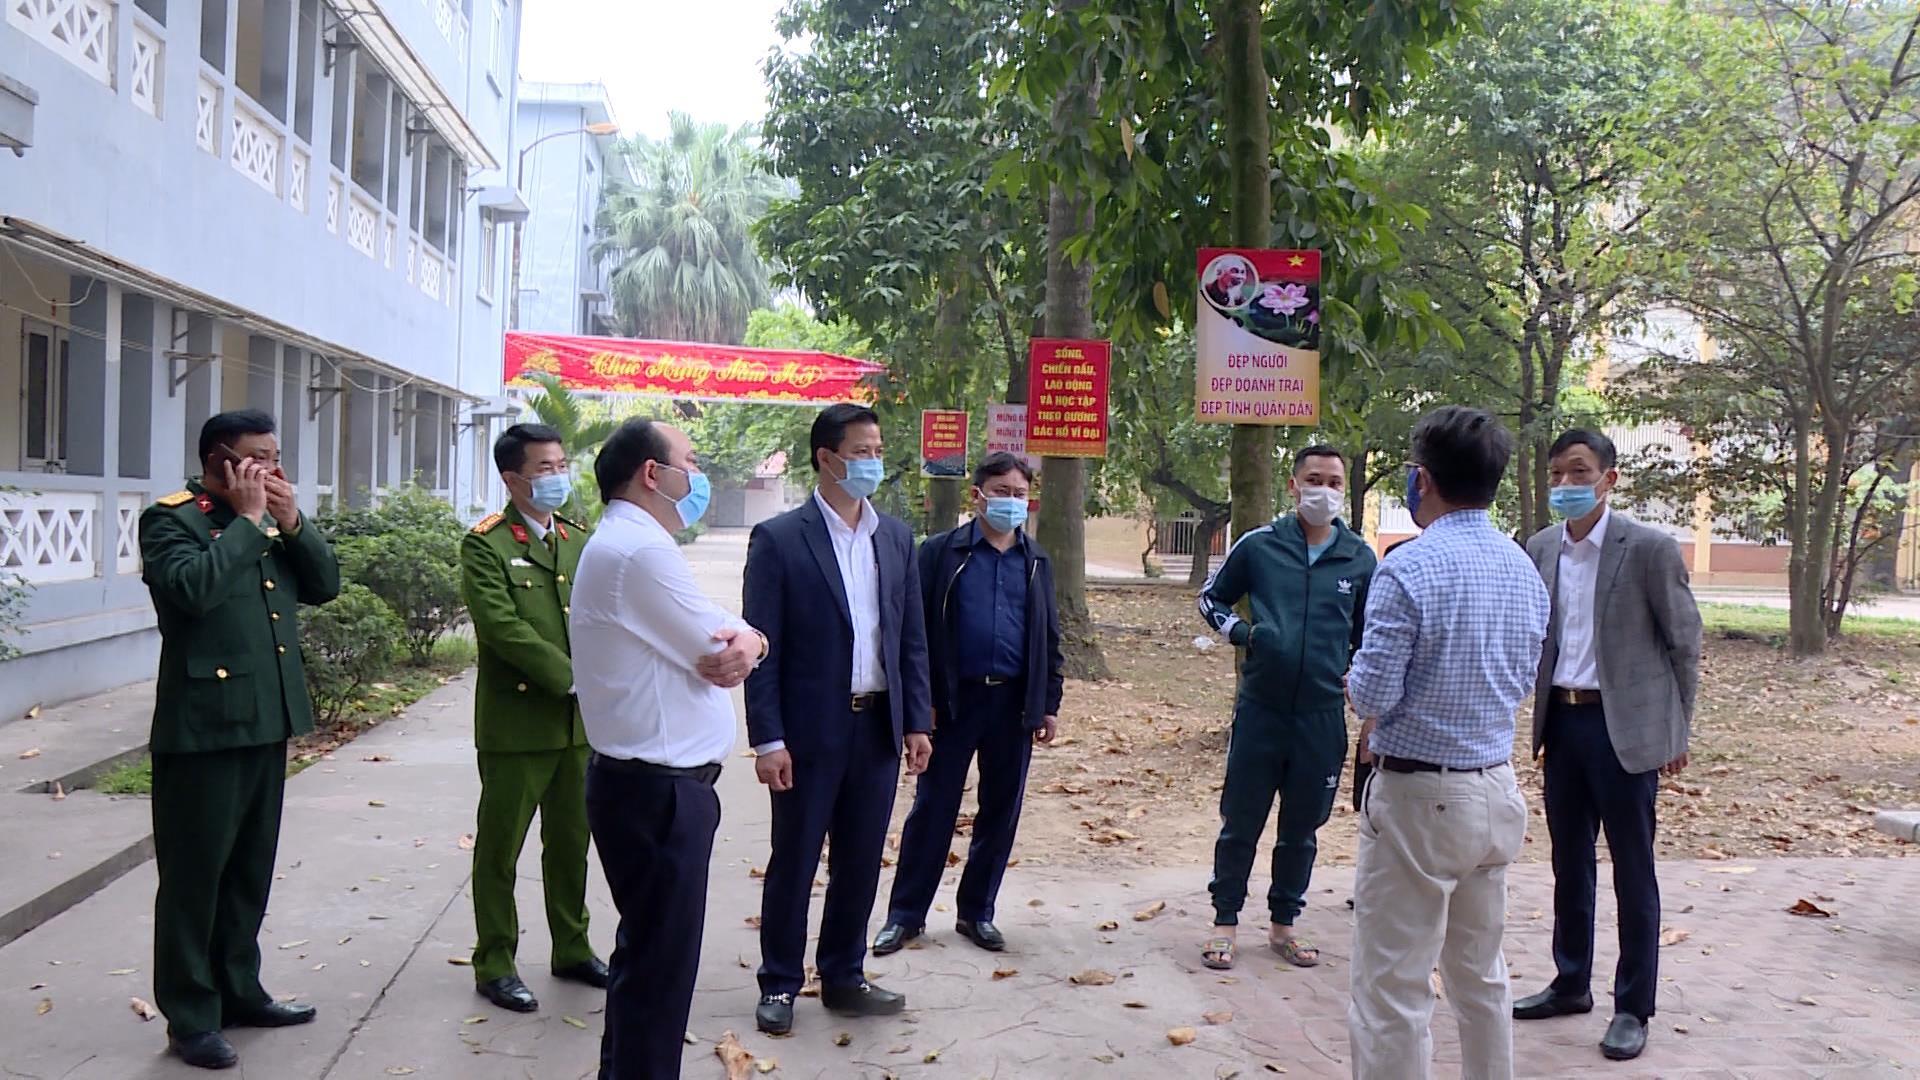 Phó Chủ tịch Thường trực UBND tỉnh kiểm tra công tác chuẩn bị  phát động Tết trồng cây xuân Tân Sửu 2021